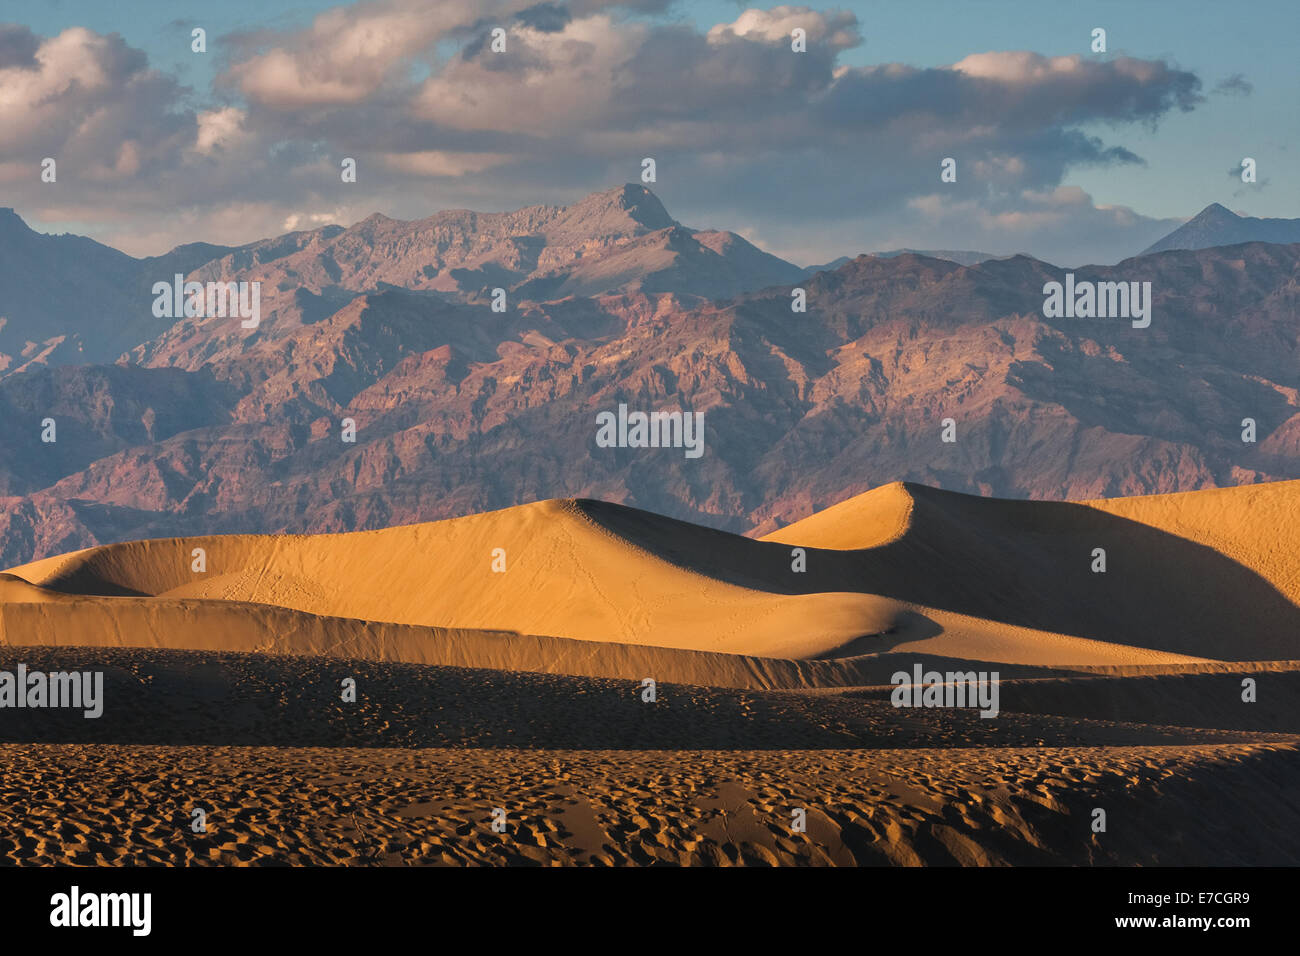 Am frühen Morgensonnenlicht, Mesquite flache Sanddünen, Death Valley Nationalpark, Kalifornien, USA Stockfoto